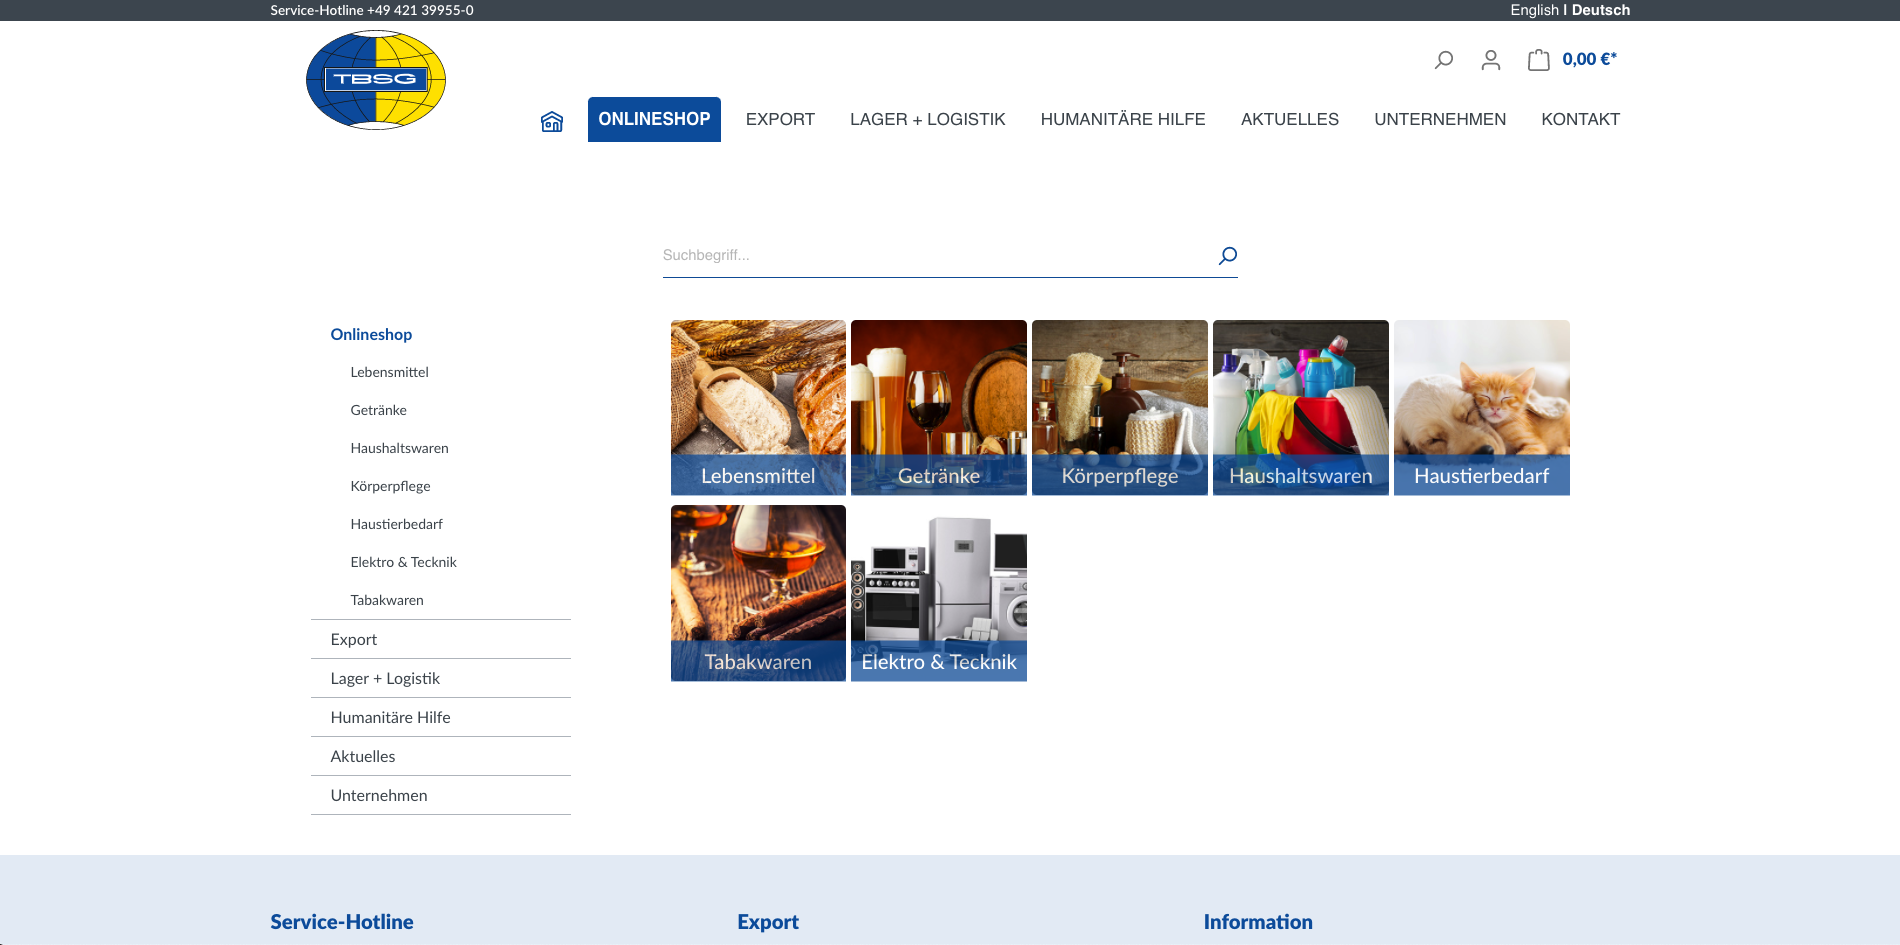 Der neue Online Shop von TBSG